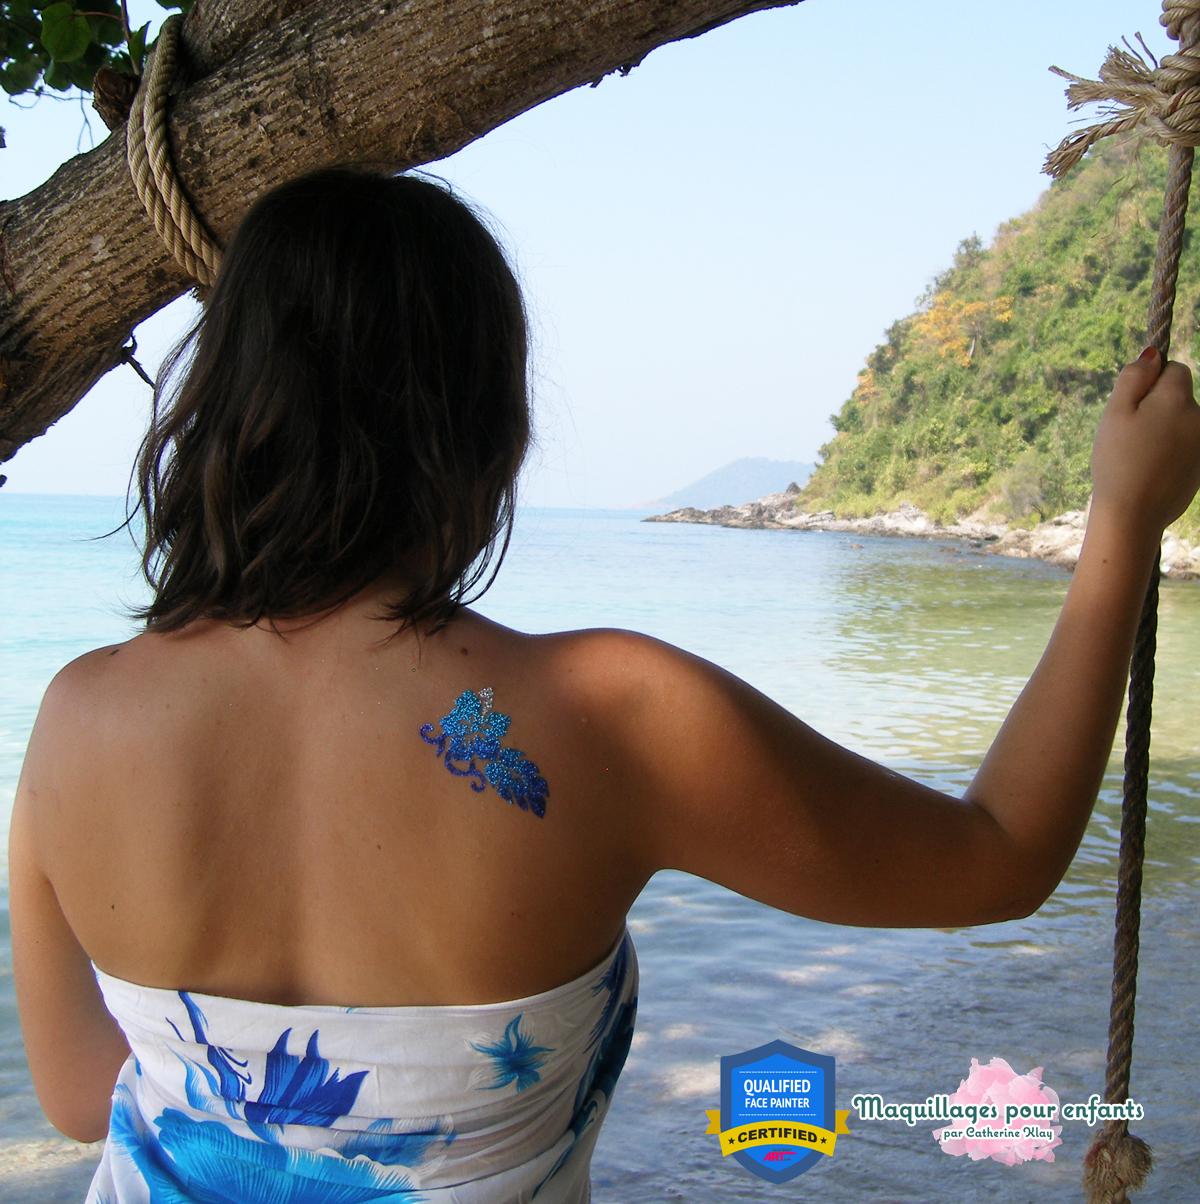 tatouage temporaire éphémère personnalisé pour enfants